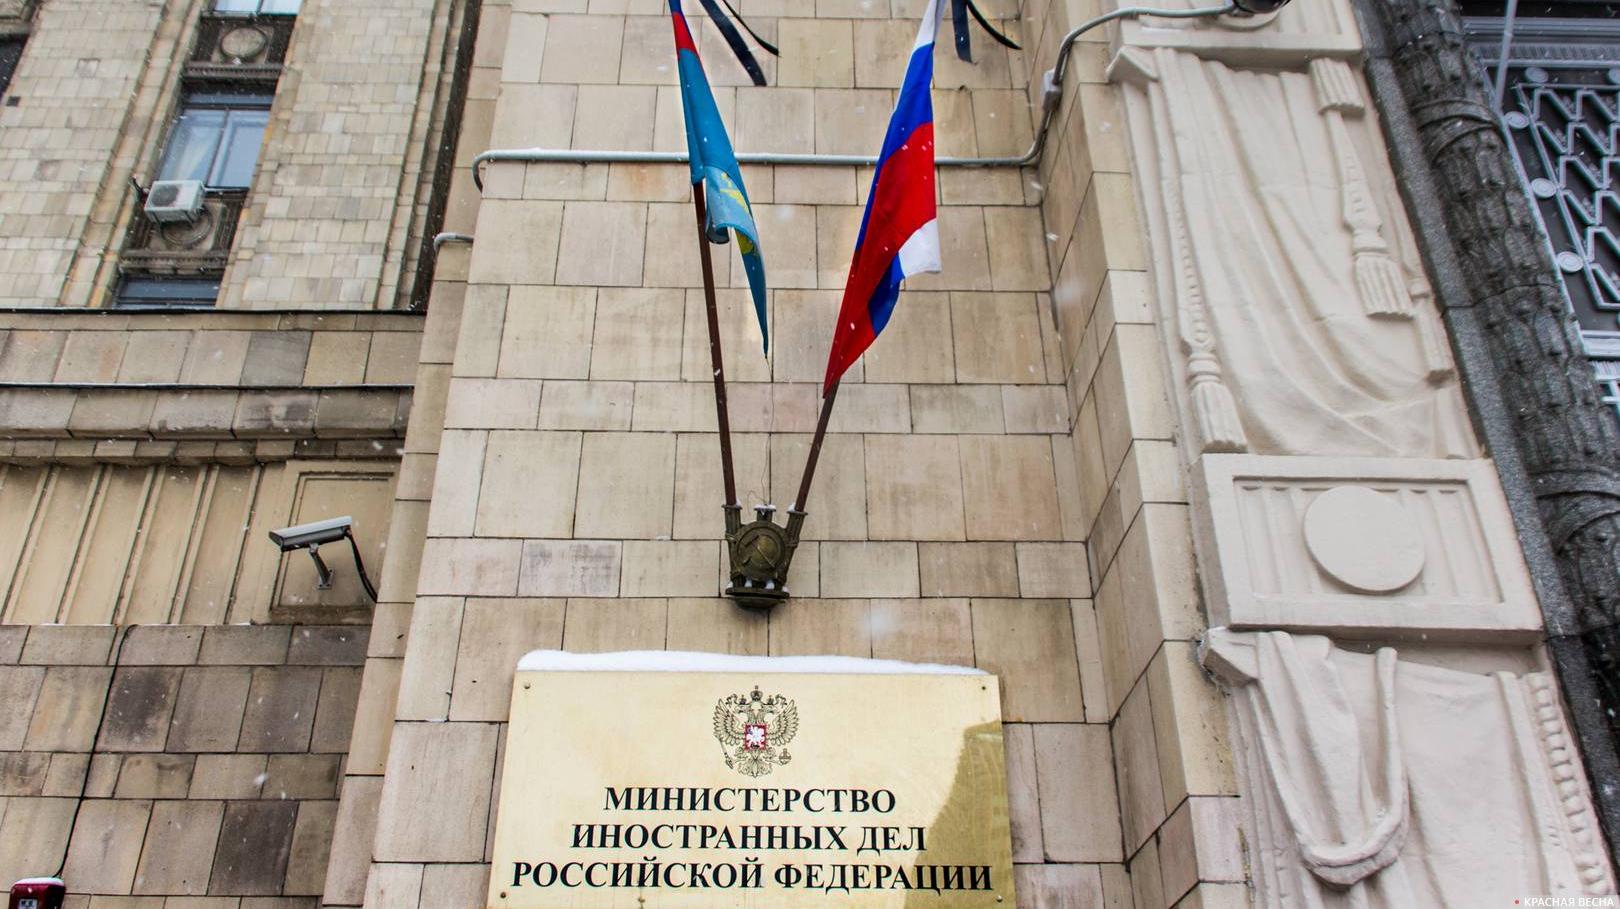 МИД России заявил, что диалог России и США может помешать подрыву основ контроля над вооружениями